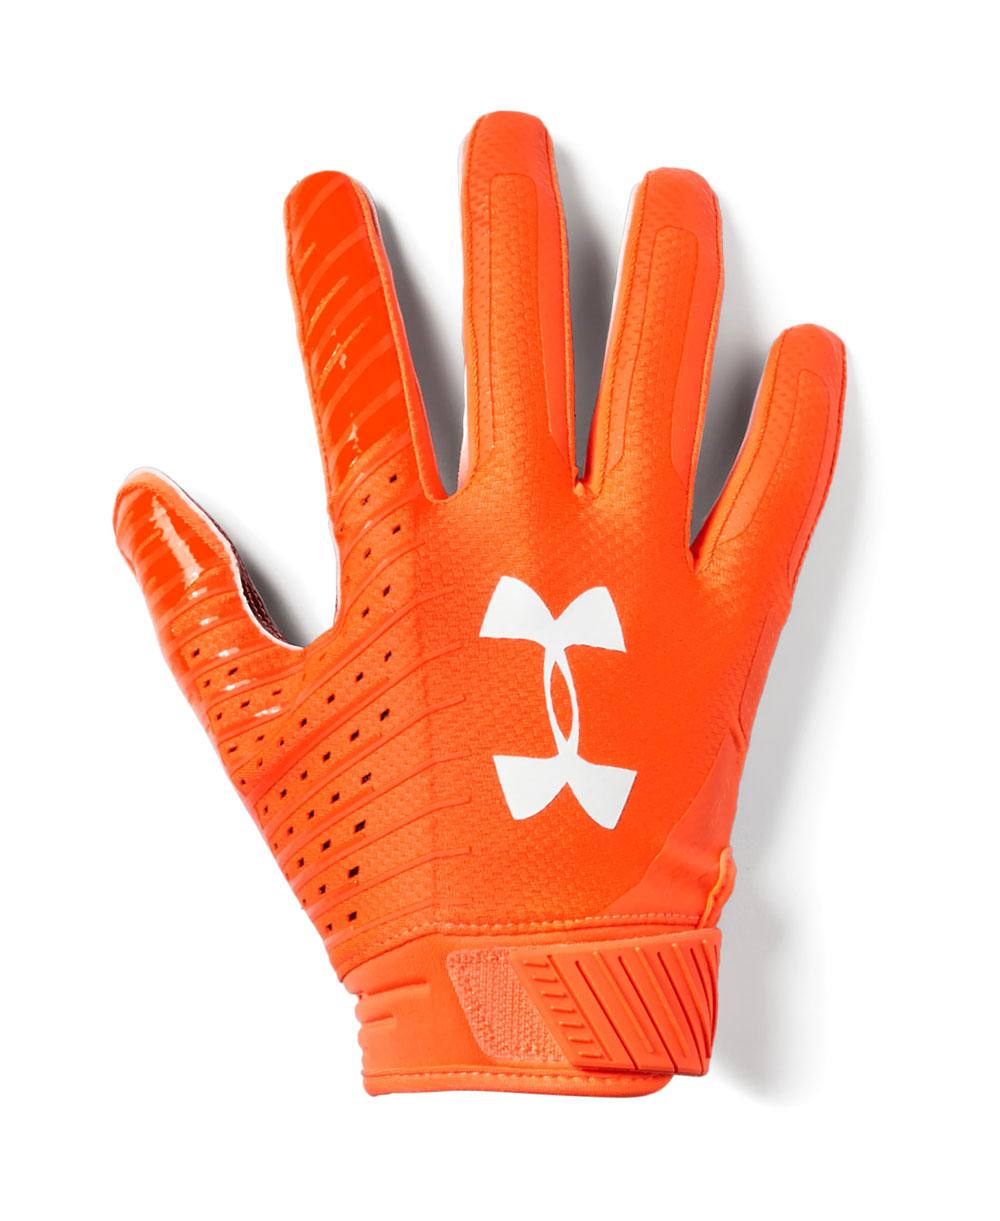 Spotlight LE Guanti Football Americano Uomo Orange Glitch